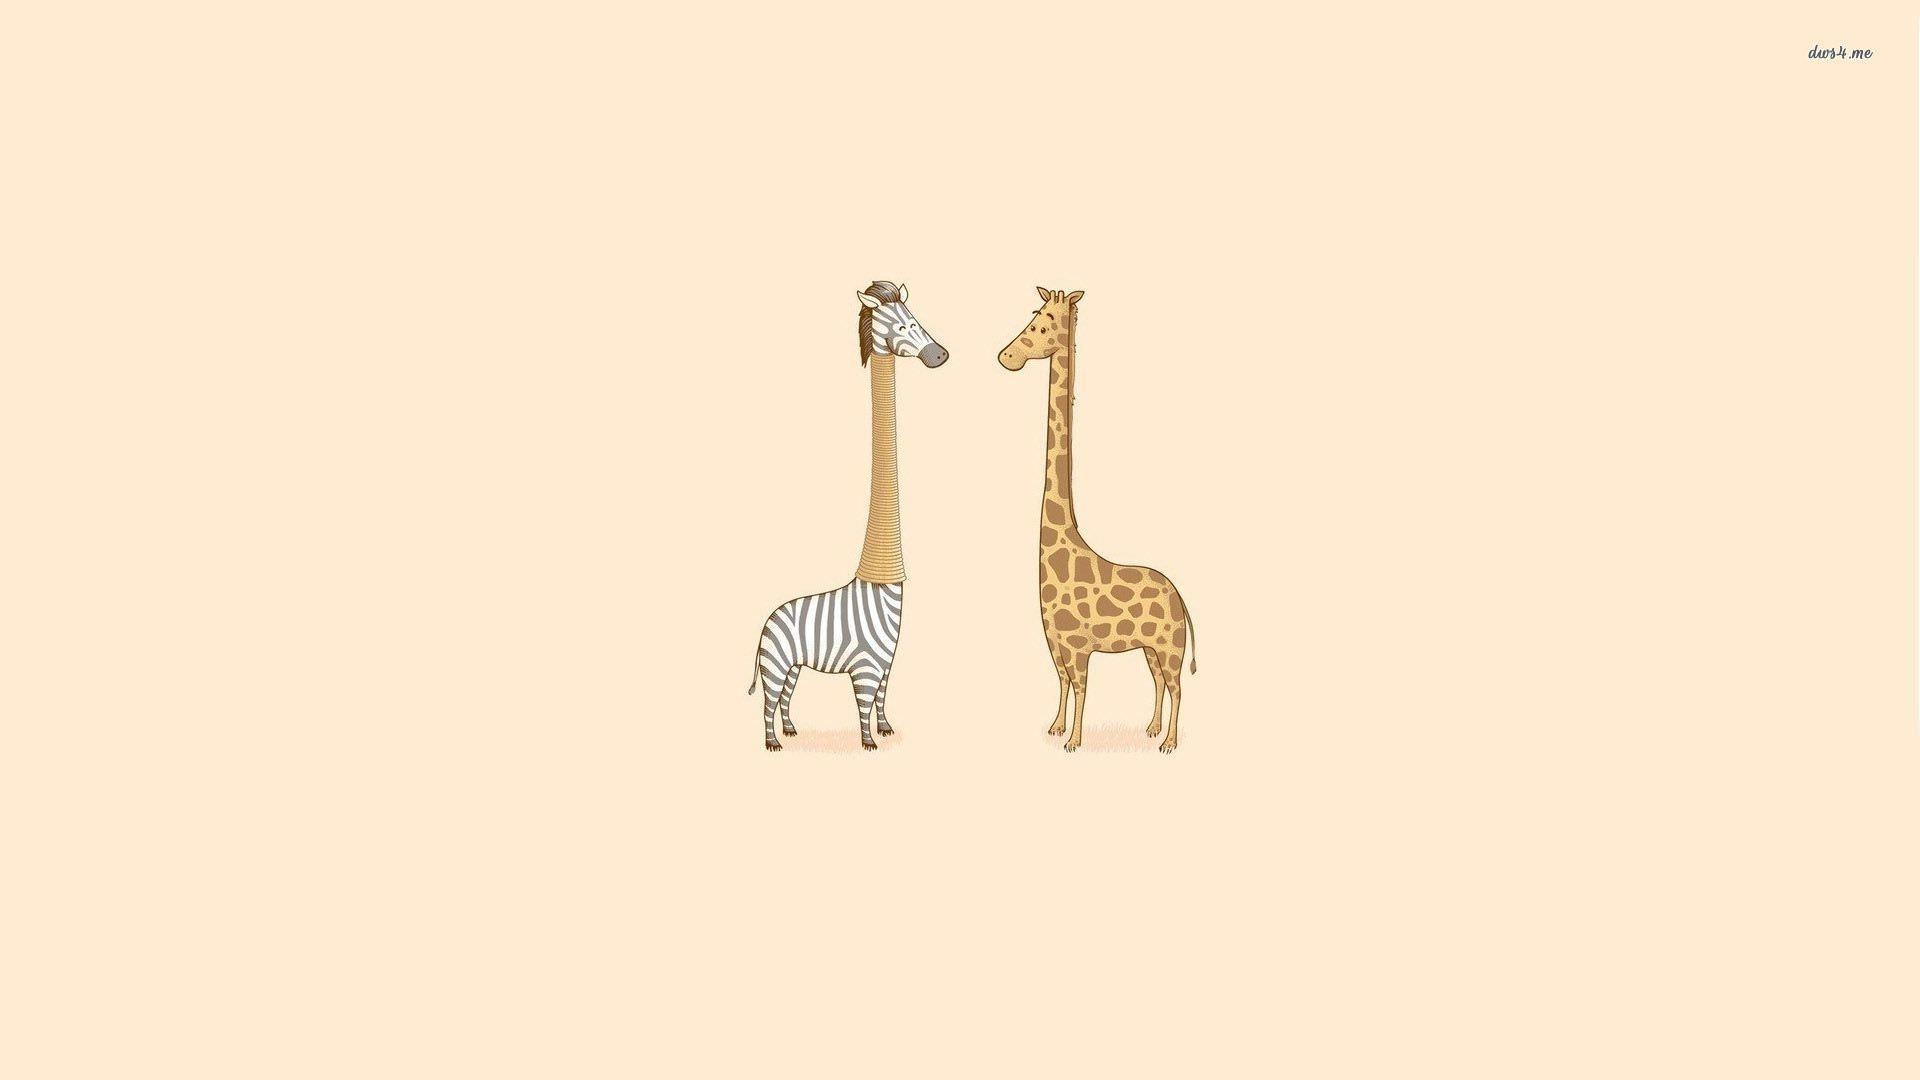 Giraffe Wallpaper 1920×1080